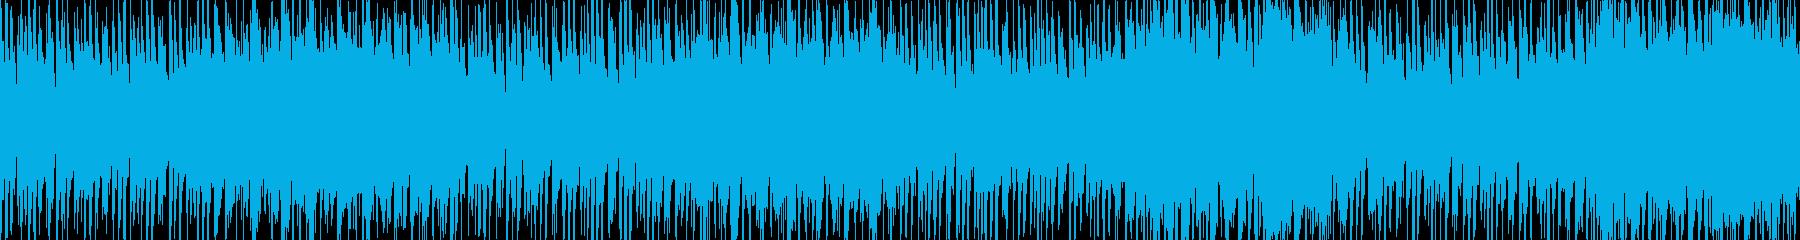 和風・和太鼓・三味線・尺八・お祭りの再生済みの波形